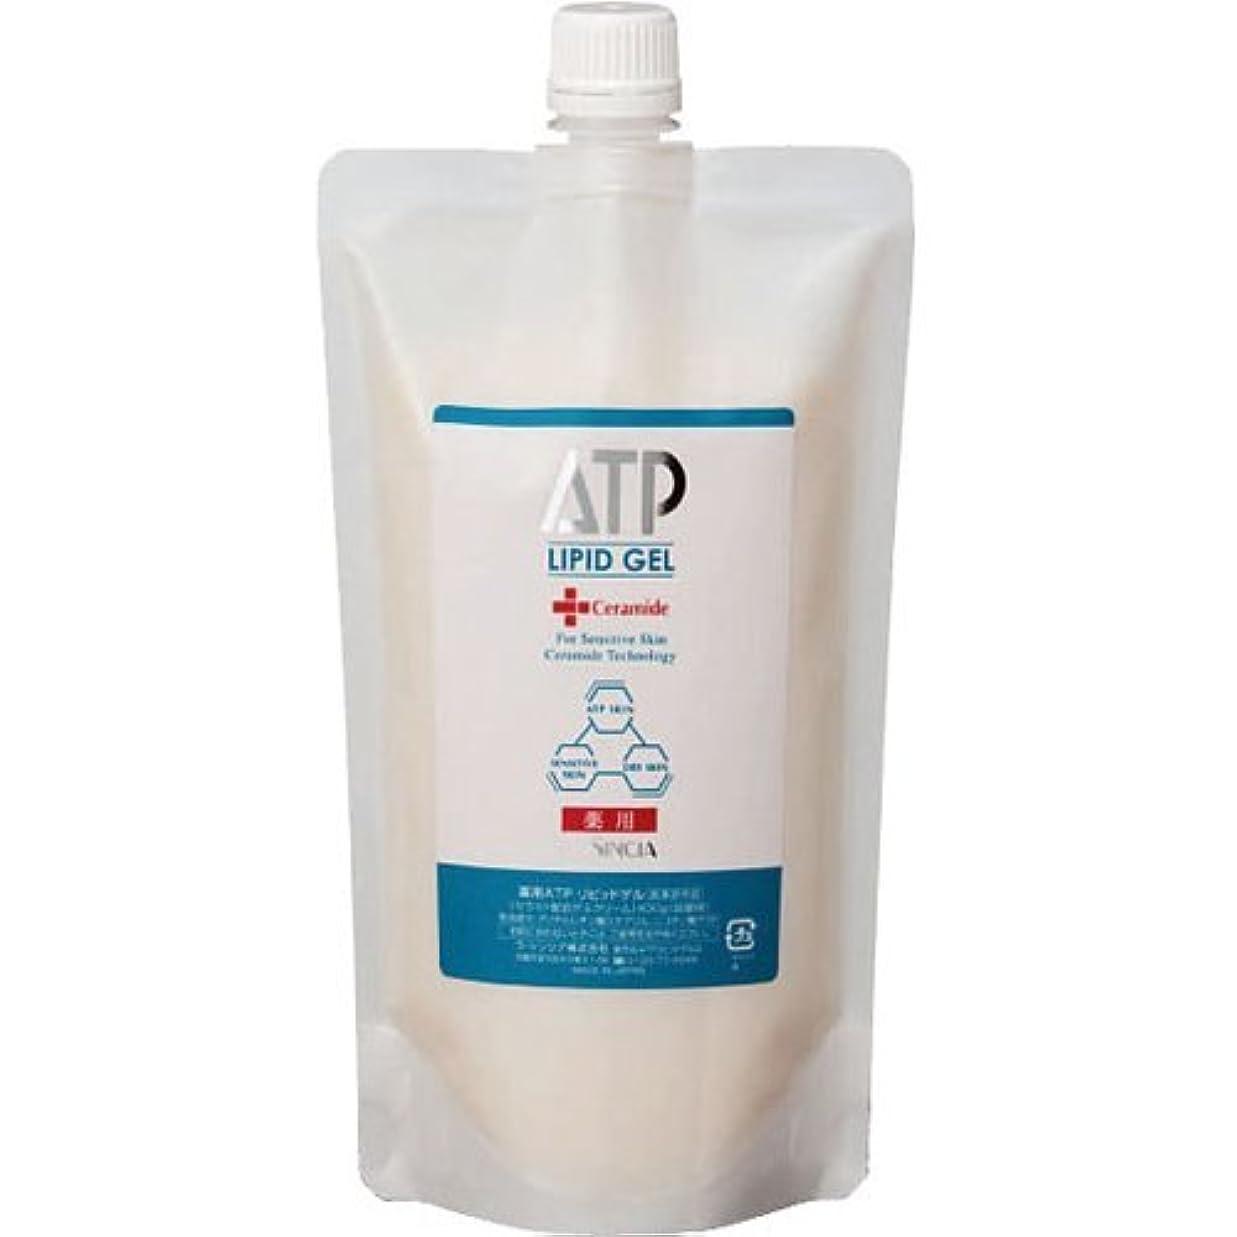 アサートフランクワースリー鷲ラシンシア 薬用ATPリピッドゲル 400g(詰替用) 【セラミド配合ゲルクリーム】